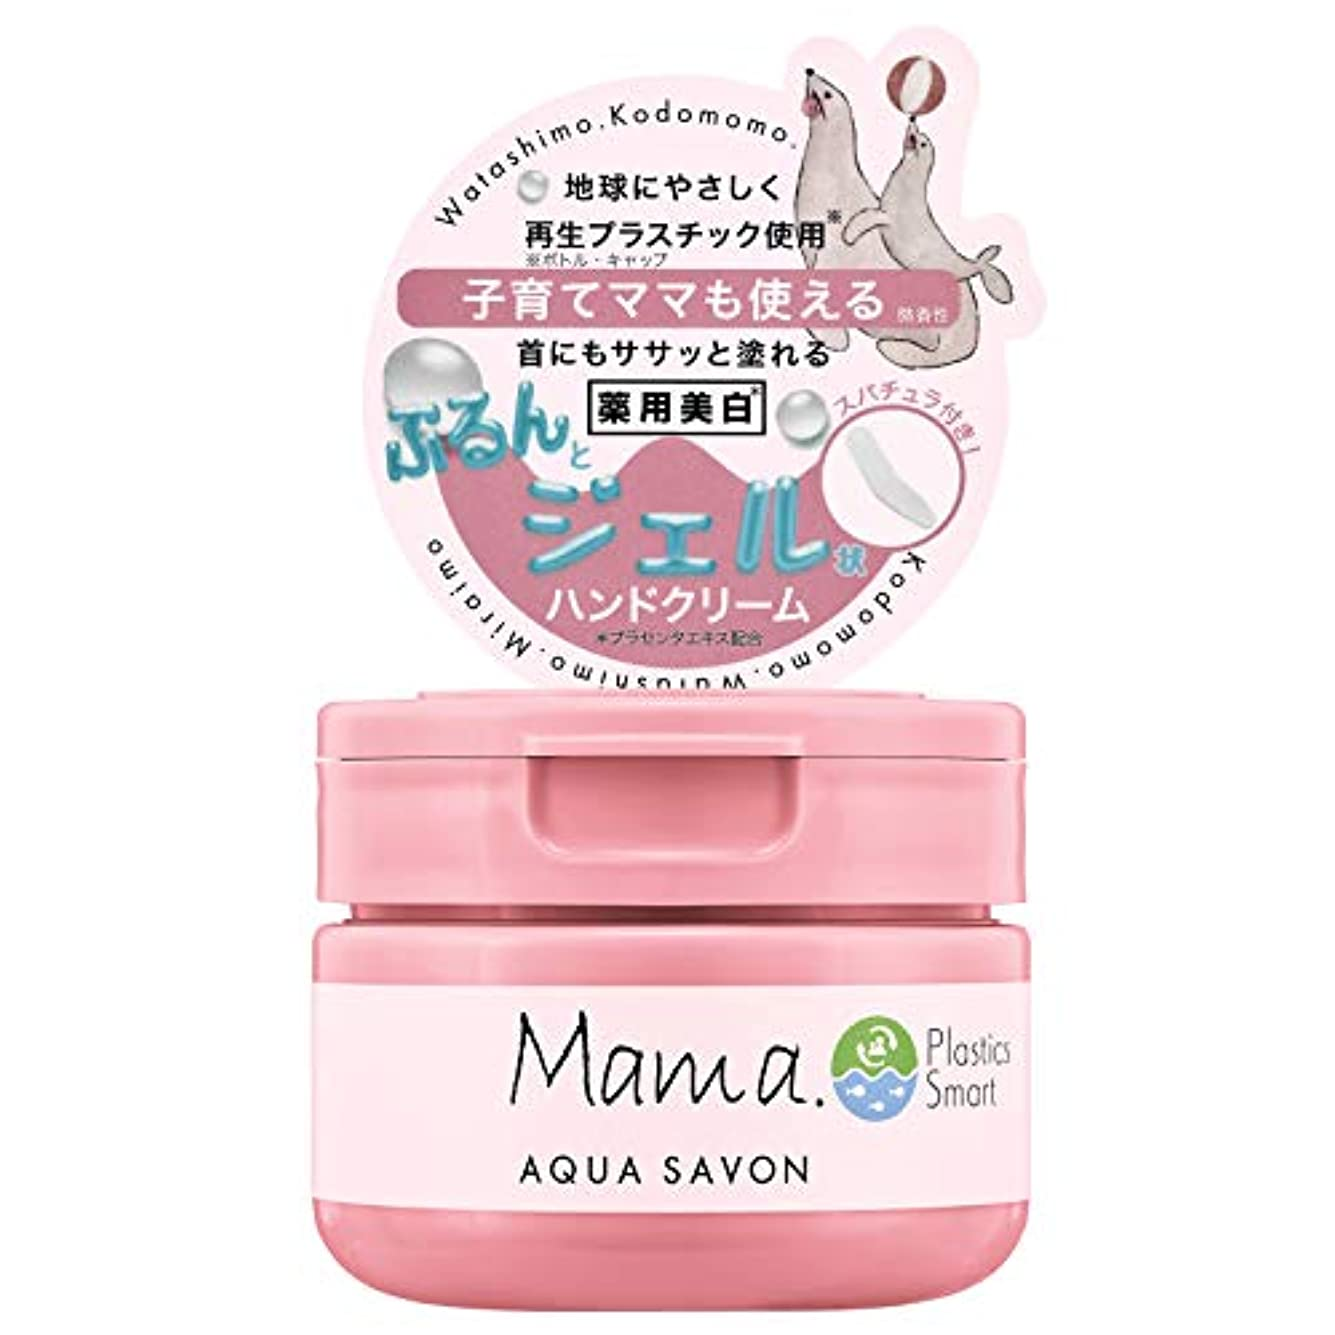 工夫する見積り餌AQUA SAVON(アクアシャボン) ママアクアシャボン 薬用美白 ハンドクリーム フラワーアロマウォーターの香り 19A 80g